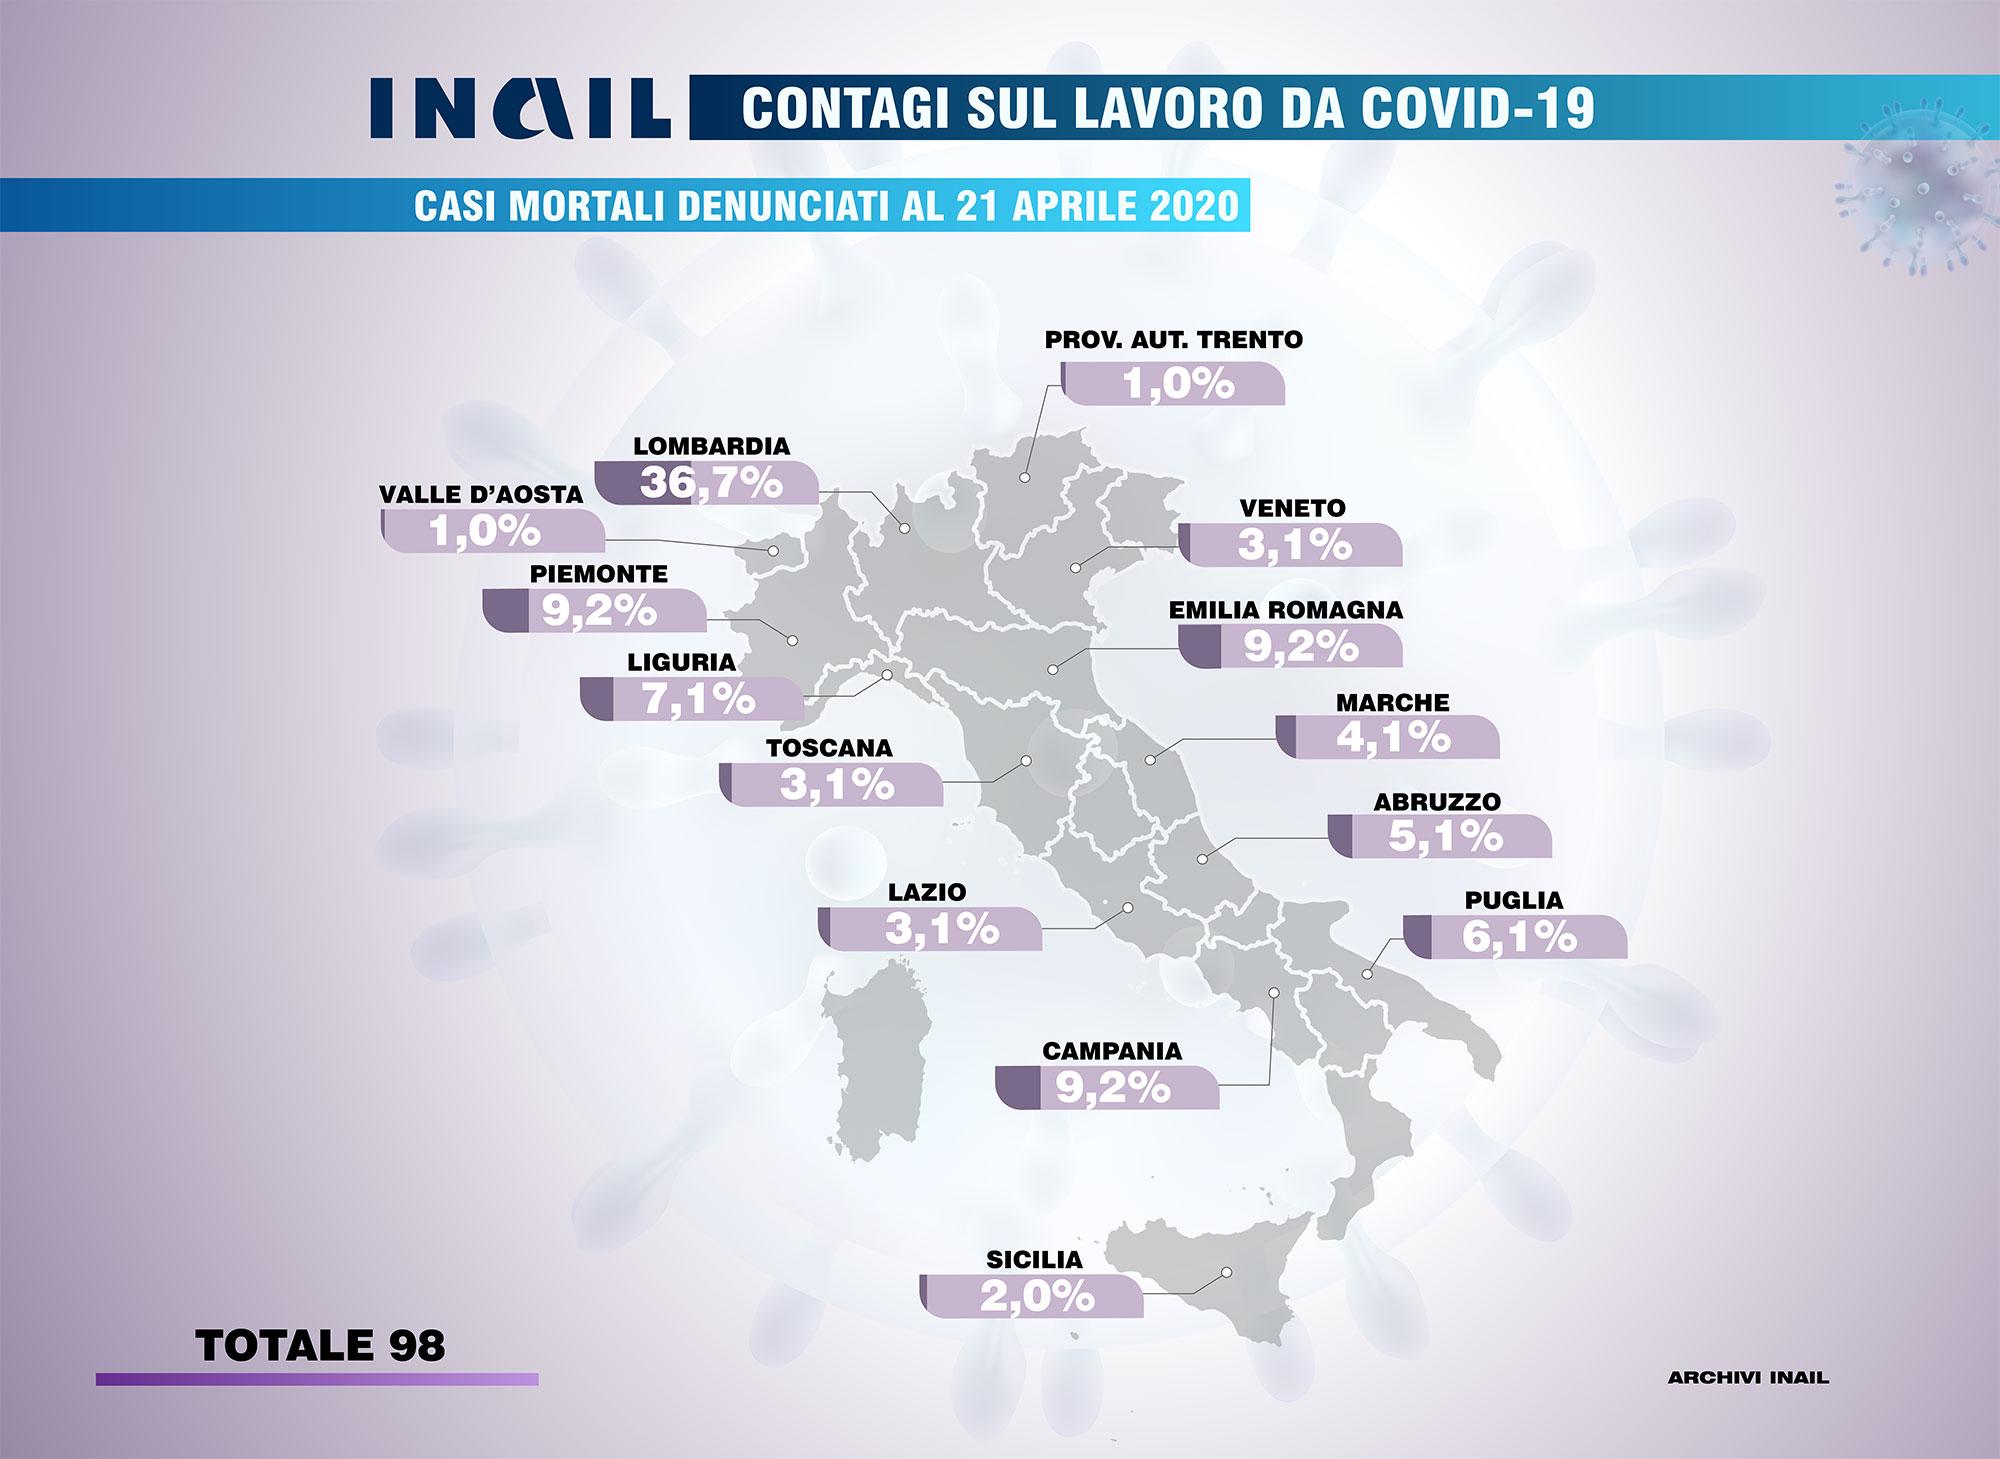 Contagi sul lavoro da Covid-19: ripartizione regionale dei casi mortali